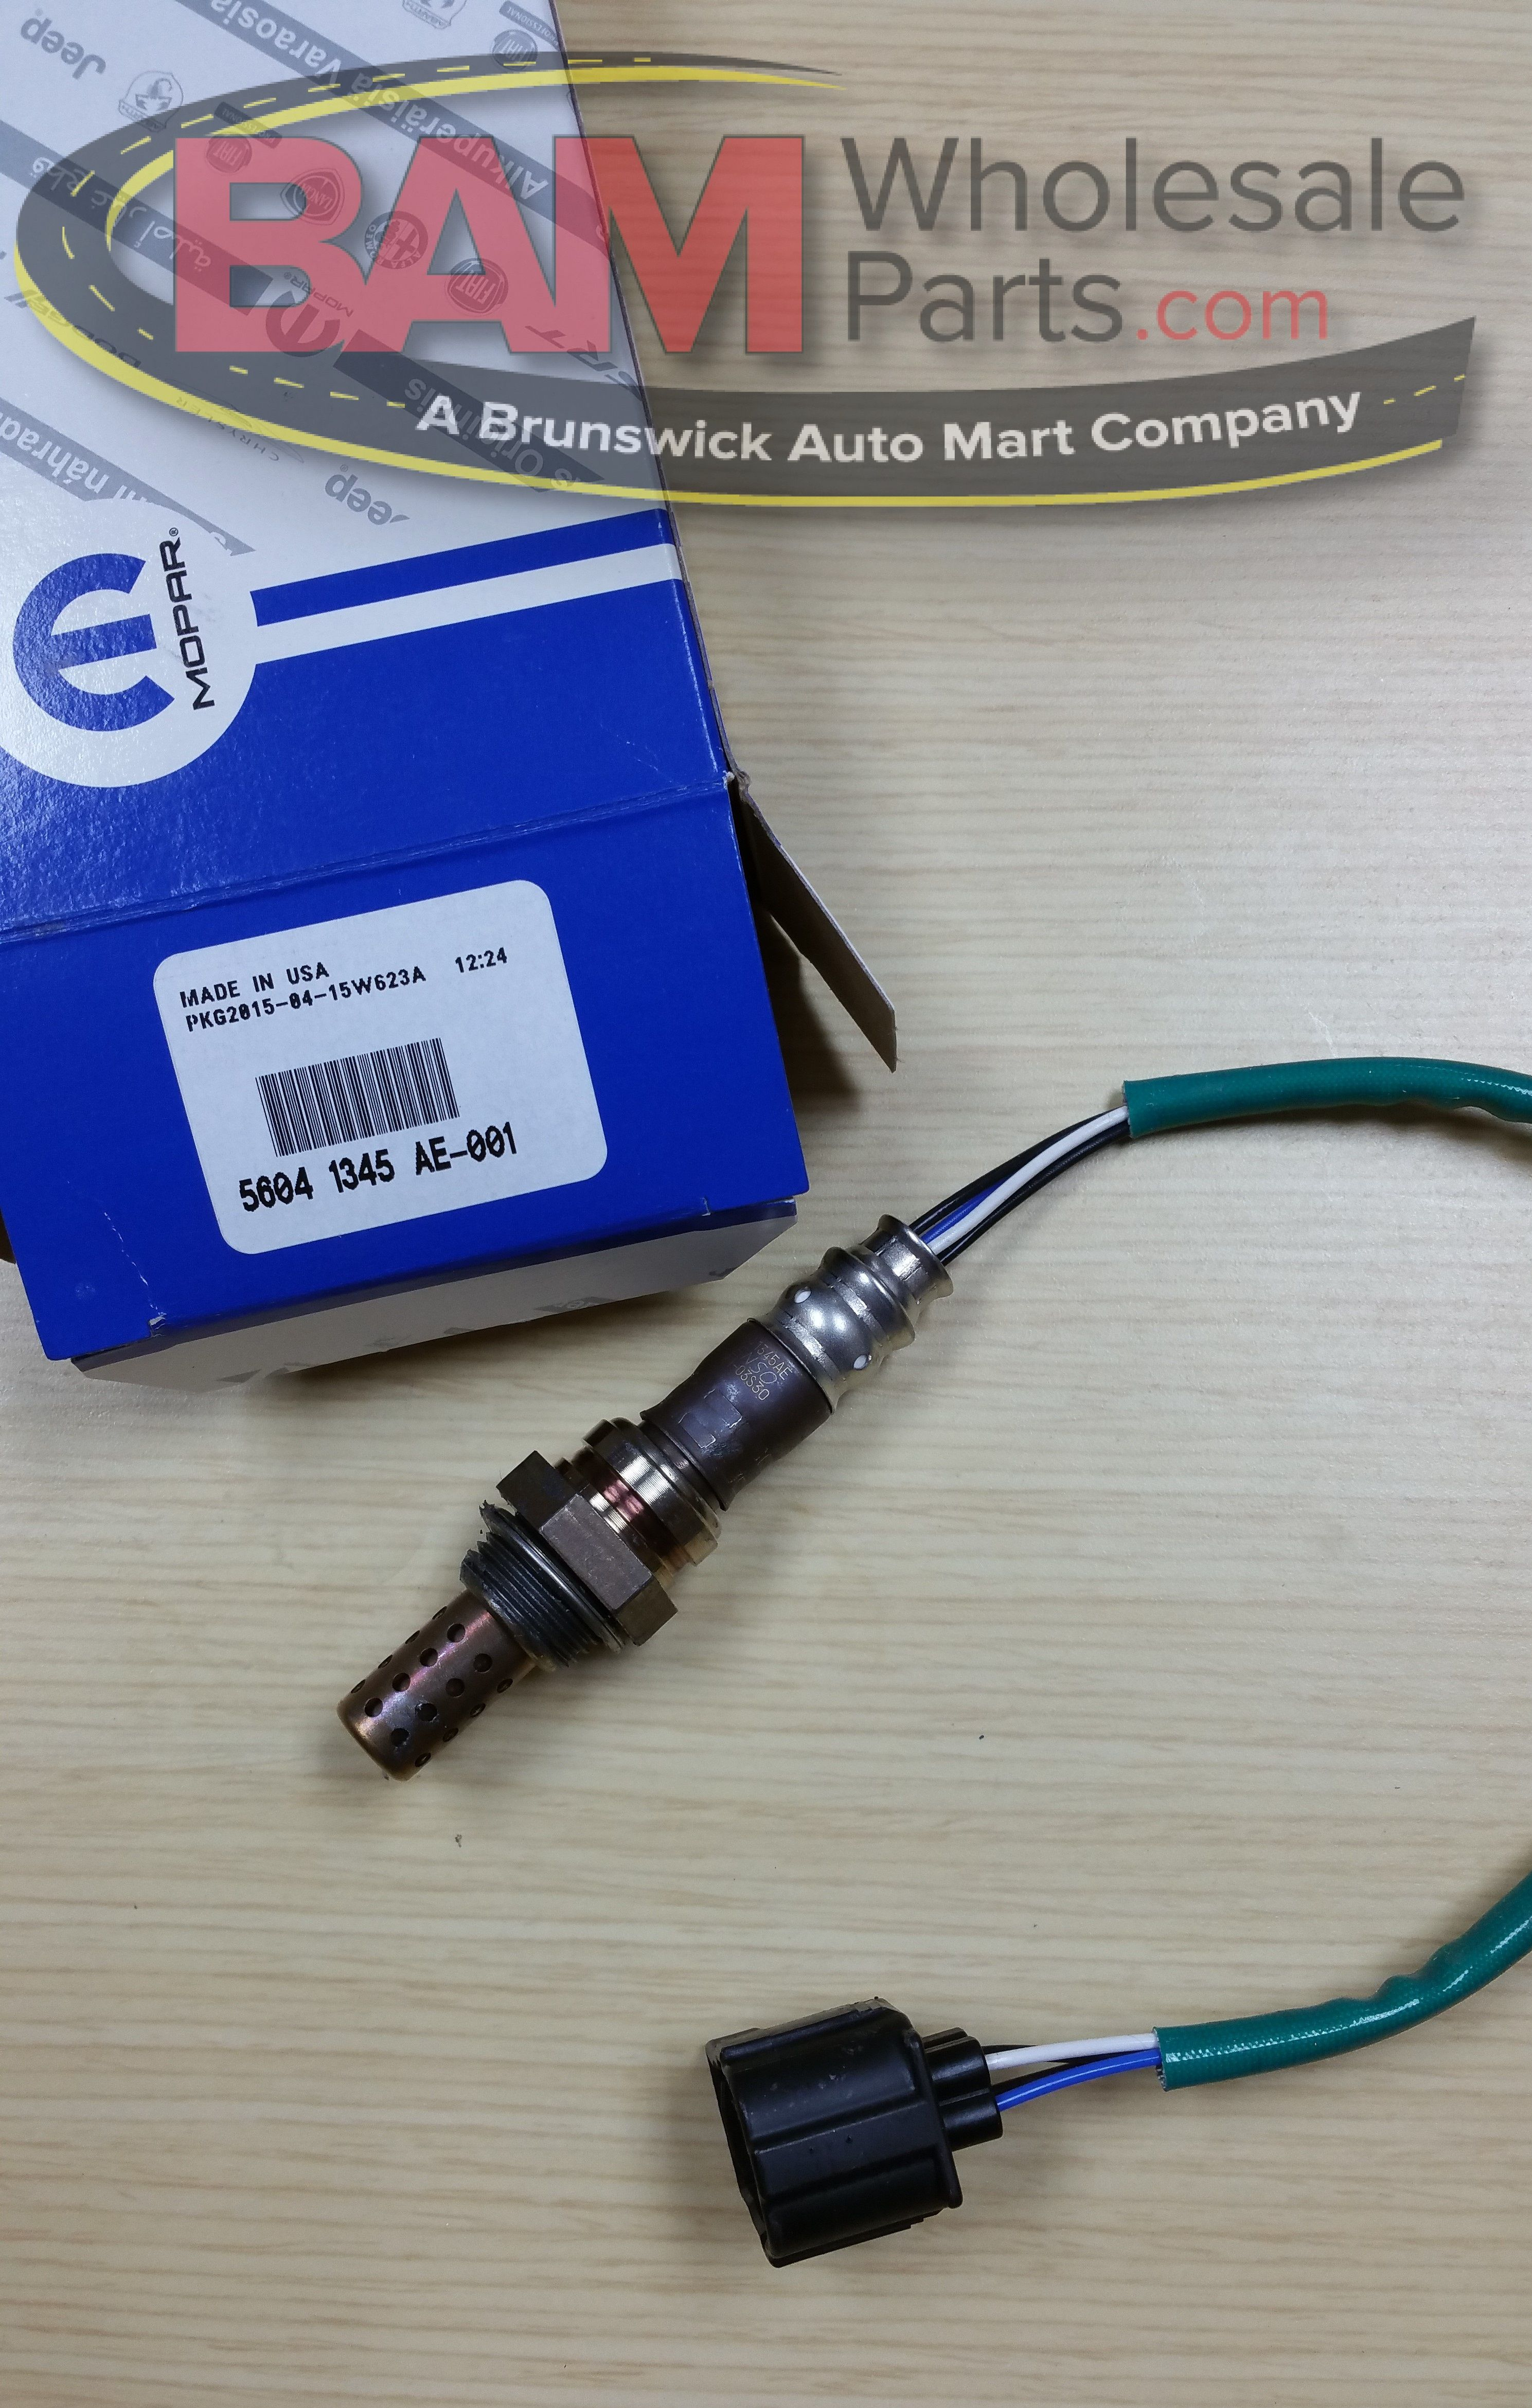 pin on brunswick auto mart wholesale parts pin on brunswick auto mart wholesale parts